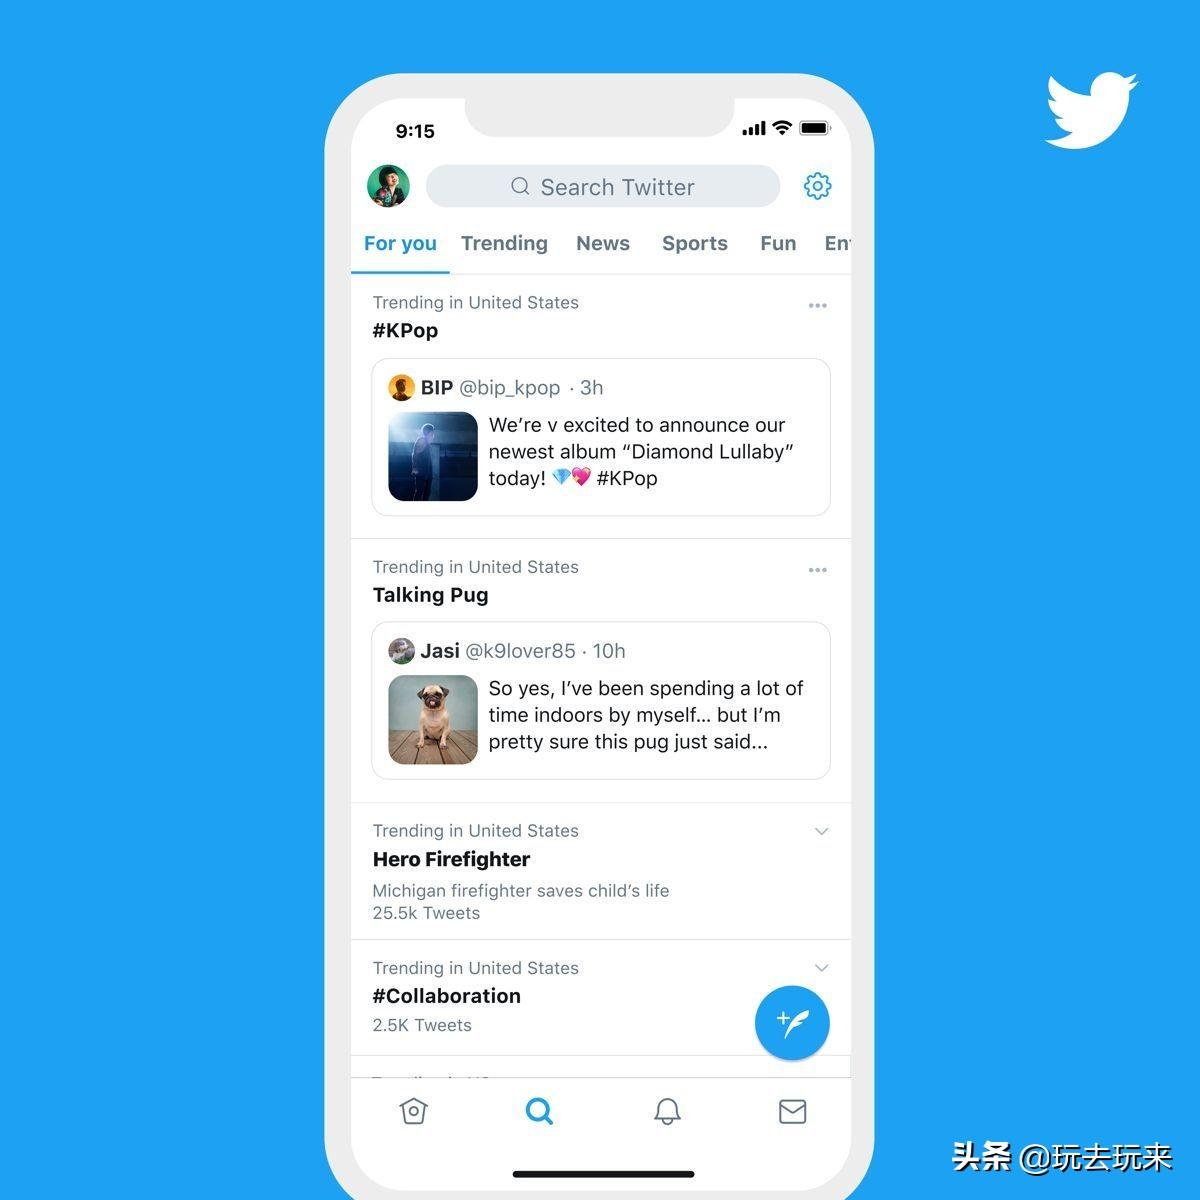 推特网将开始测试音频私信功能